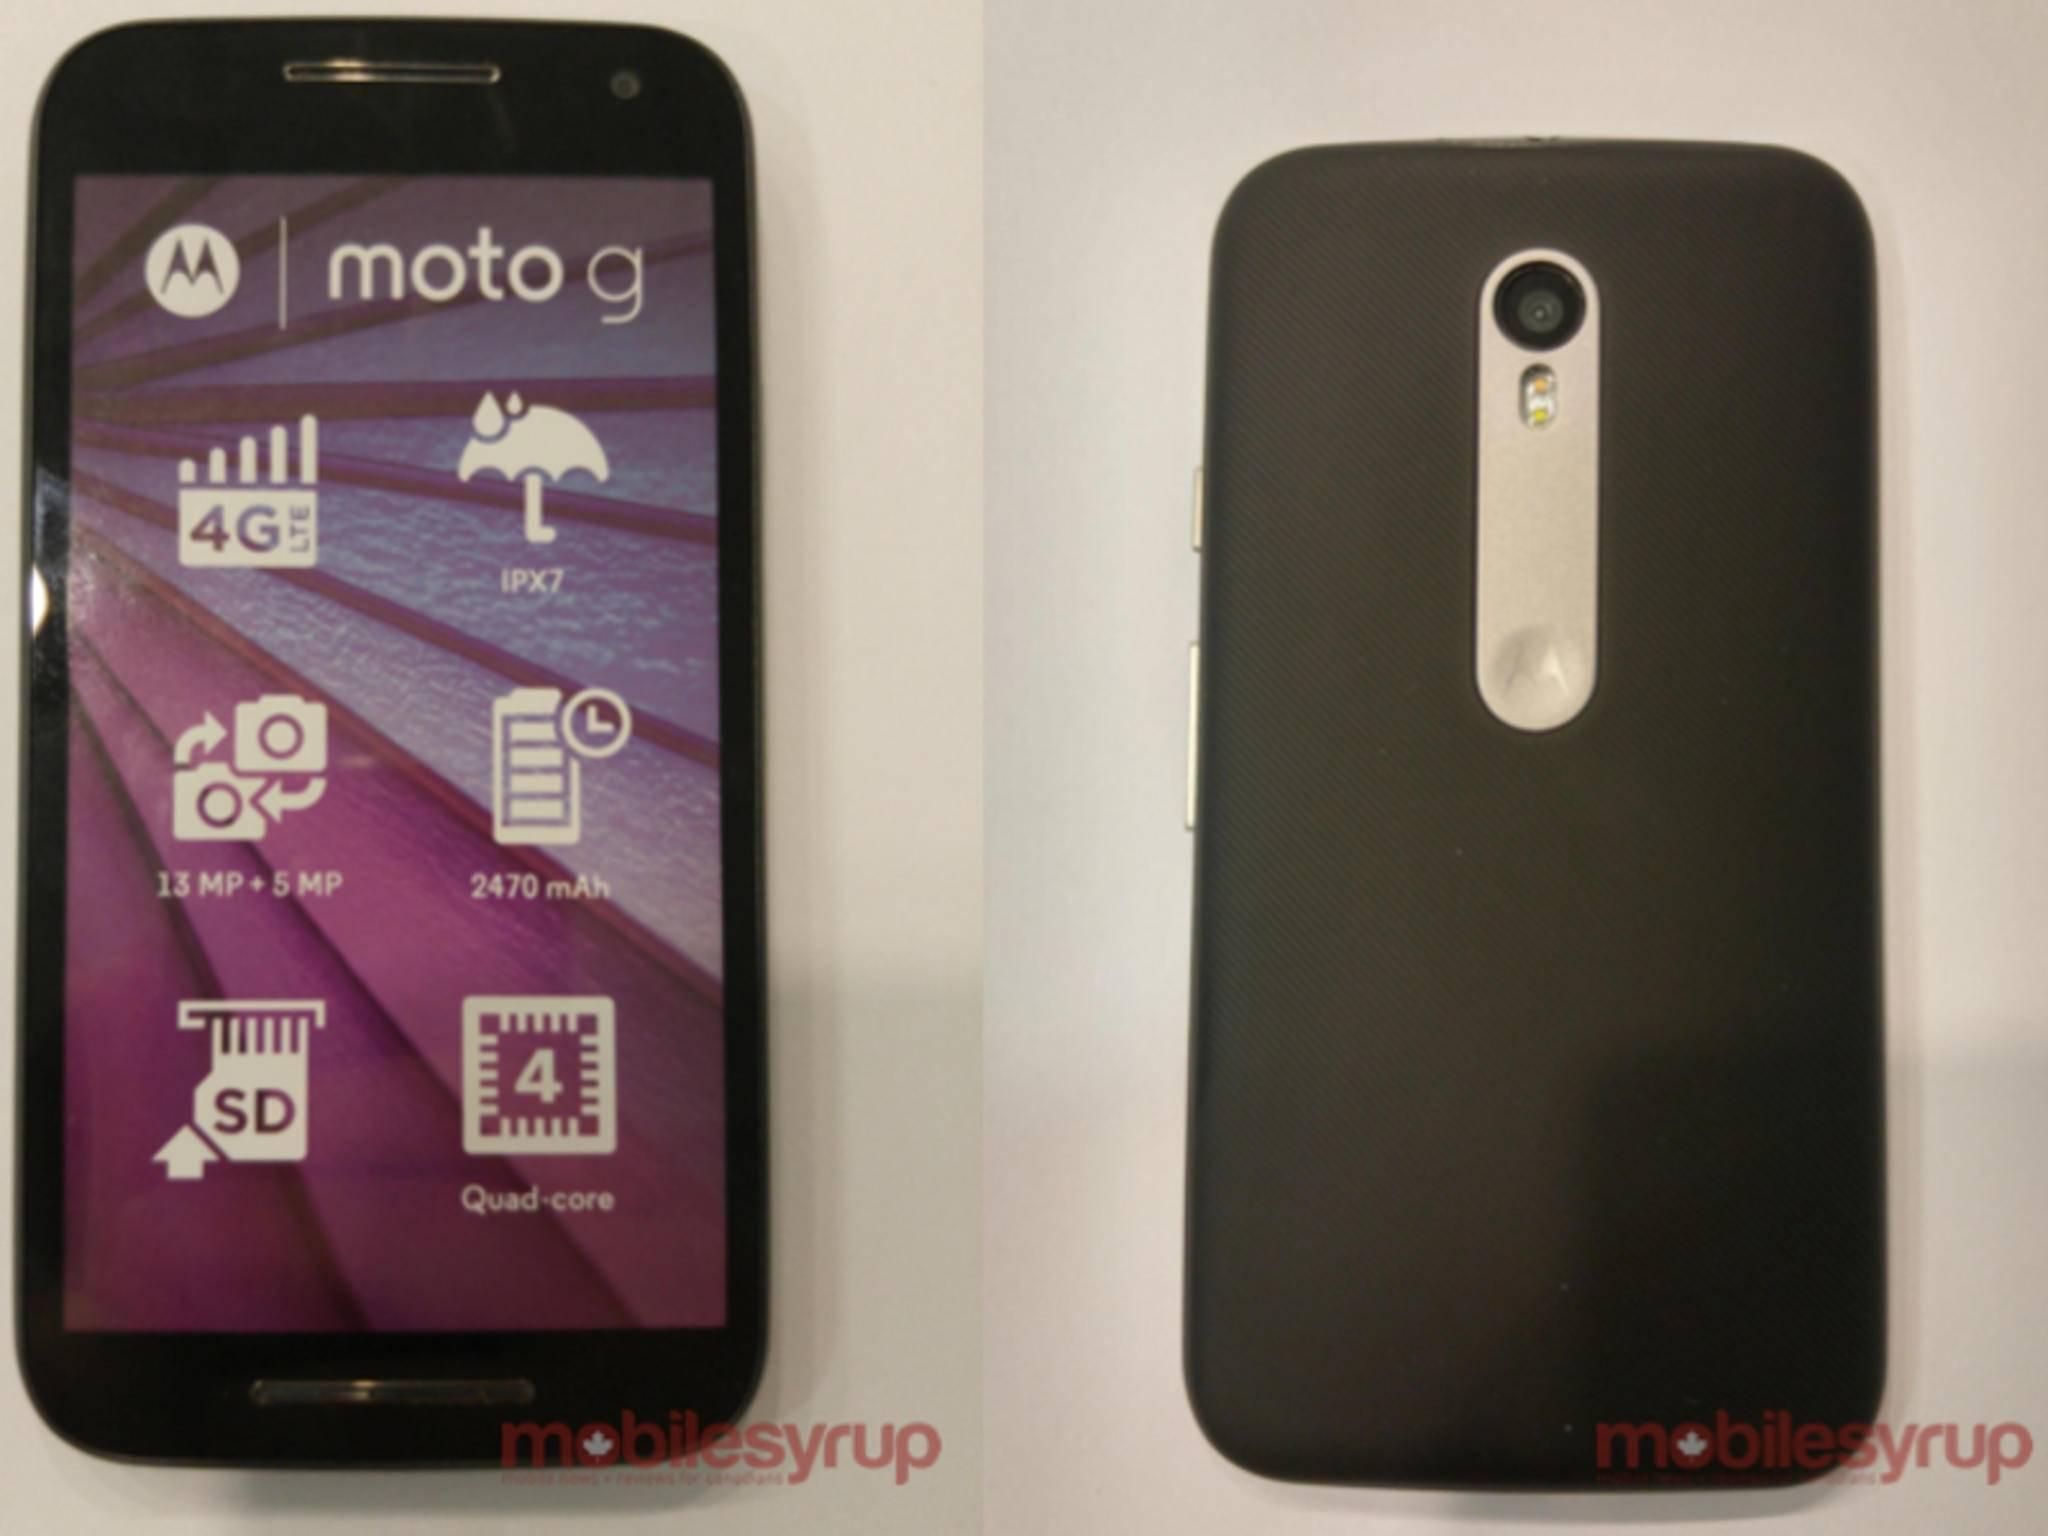 Die Folie auf dem Display zeigt einige der Spezifikationen des neuen Moto G.